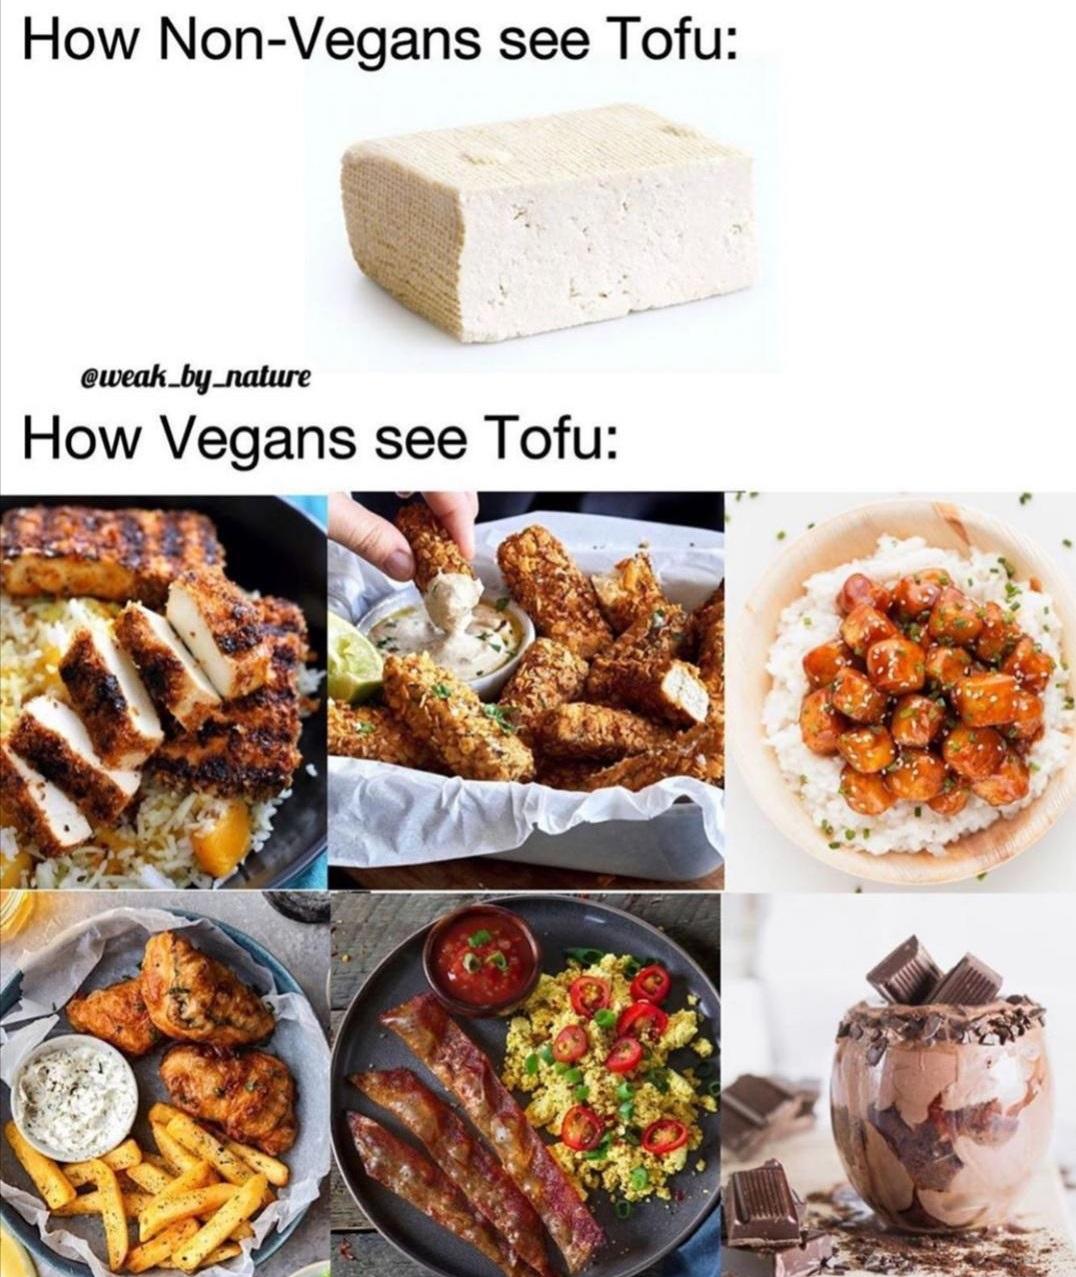 ヴィーガン 未練 麻婆豆腐 代用 右下に関連した画像-02